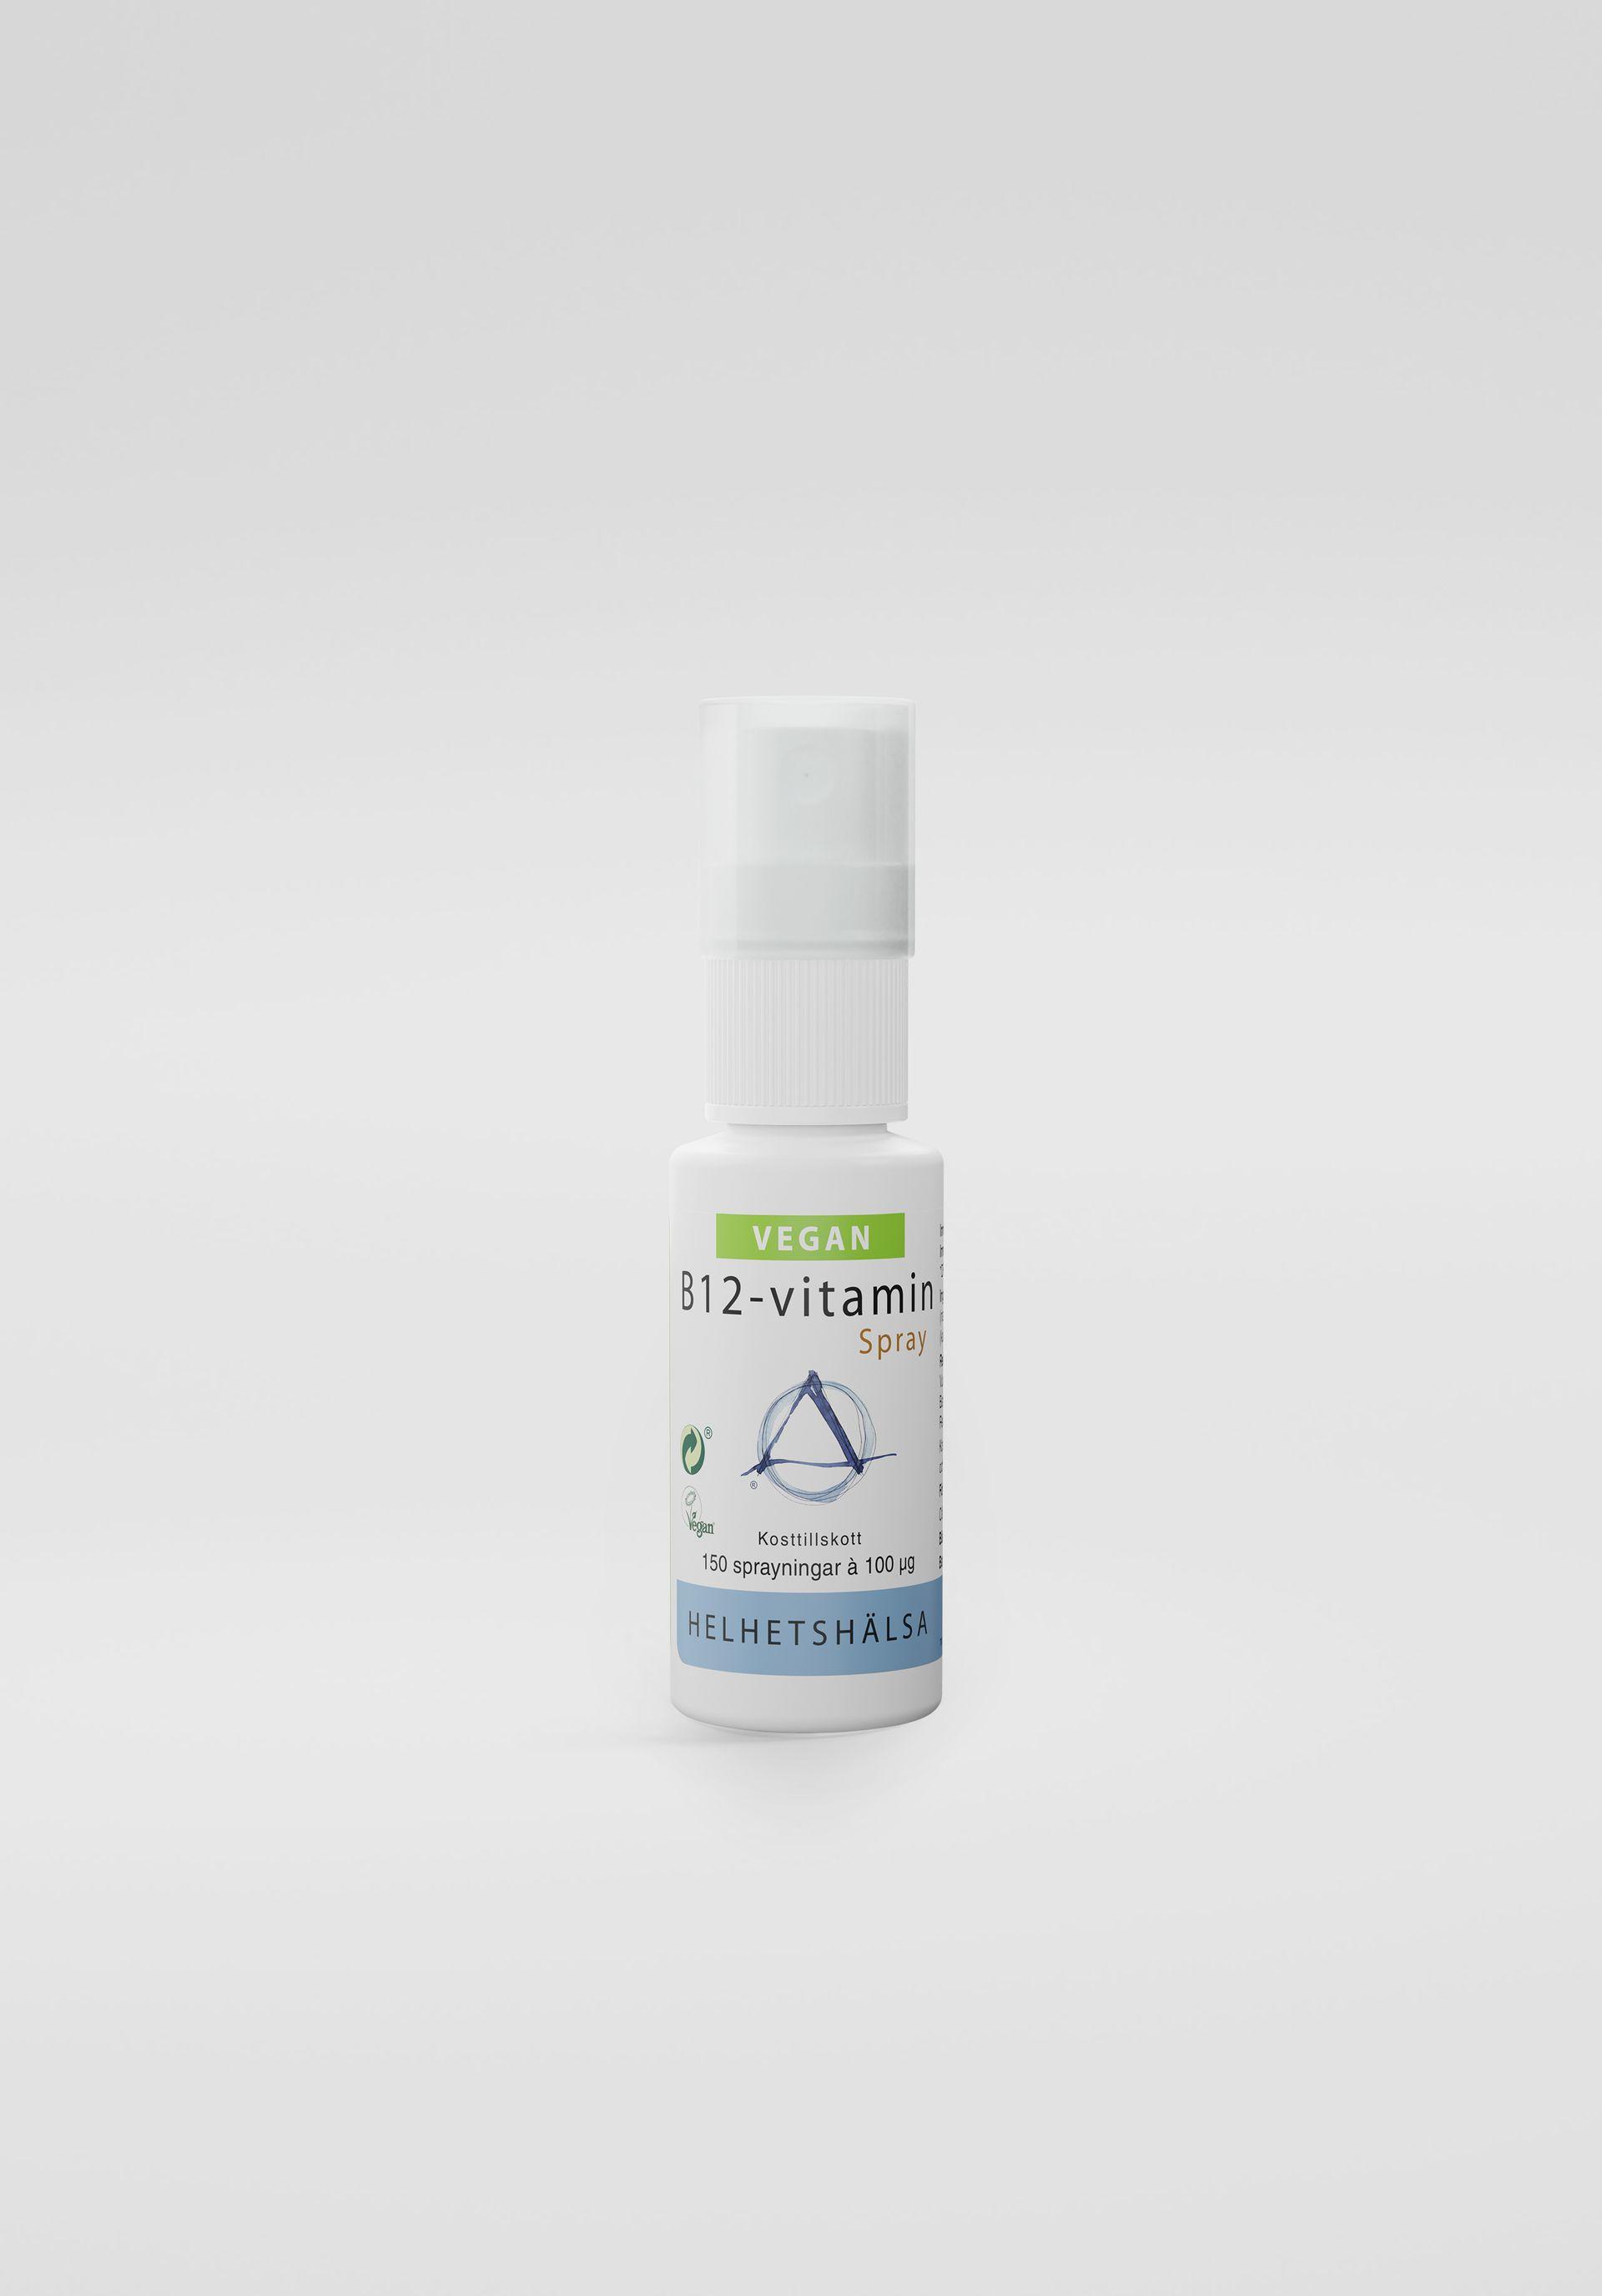 B12-vitamin Spray, 150 sprayningar